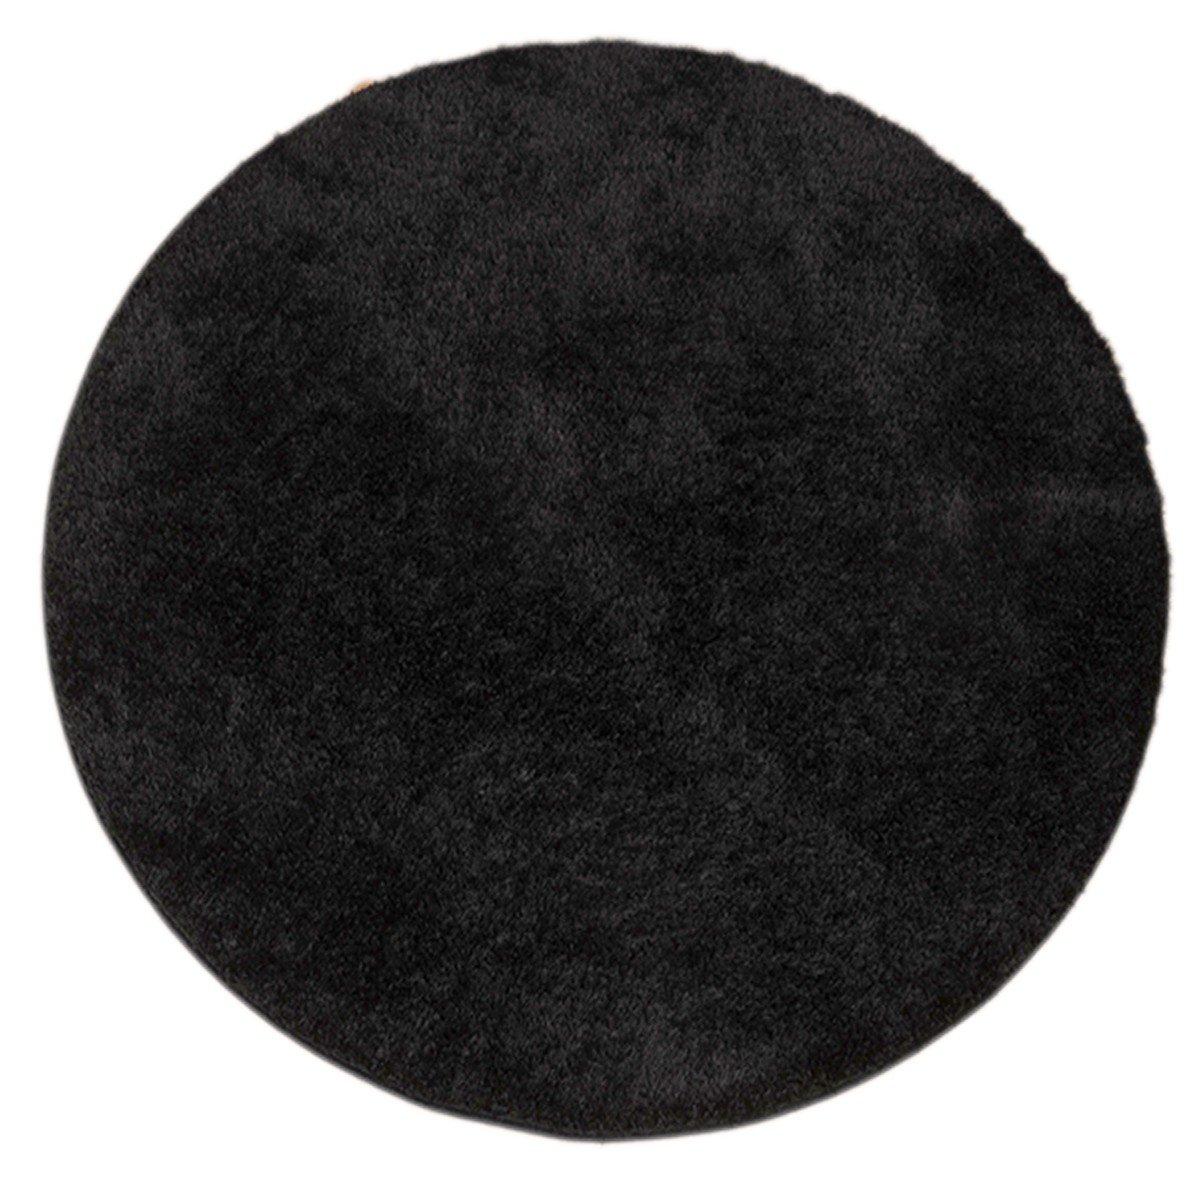 Havatex Premium Shaggy Hochflor Teppich LoROTo rund - schadstoffgeprüft und pflegeleicht   schmutzresistent robust strapazierfähig   Wohnzimmer Schlafzimmer Flur, Farbe Schwarz, Größe 200 cm rund